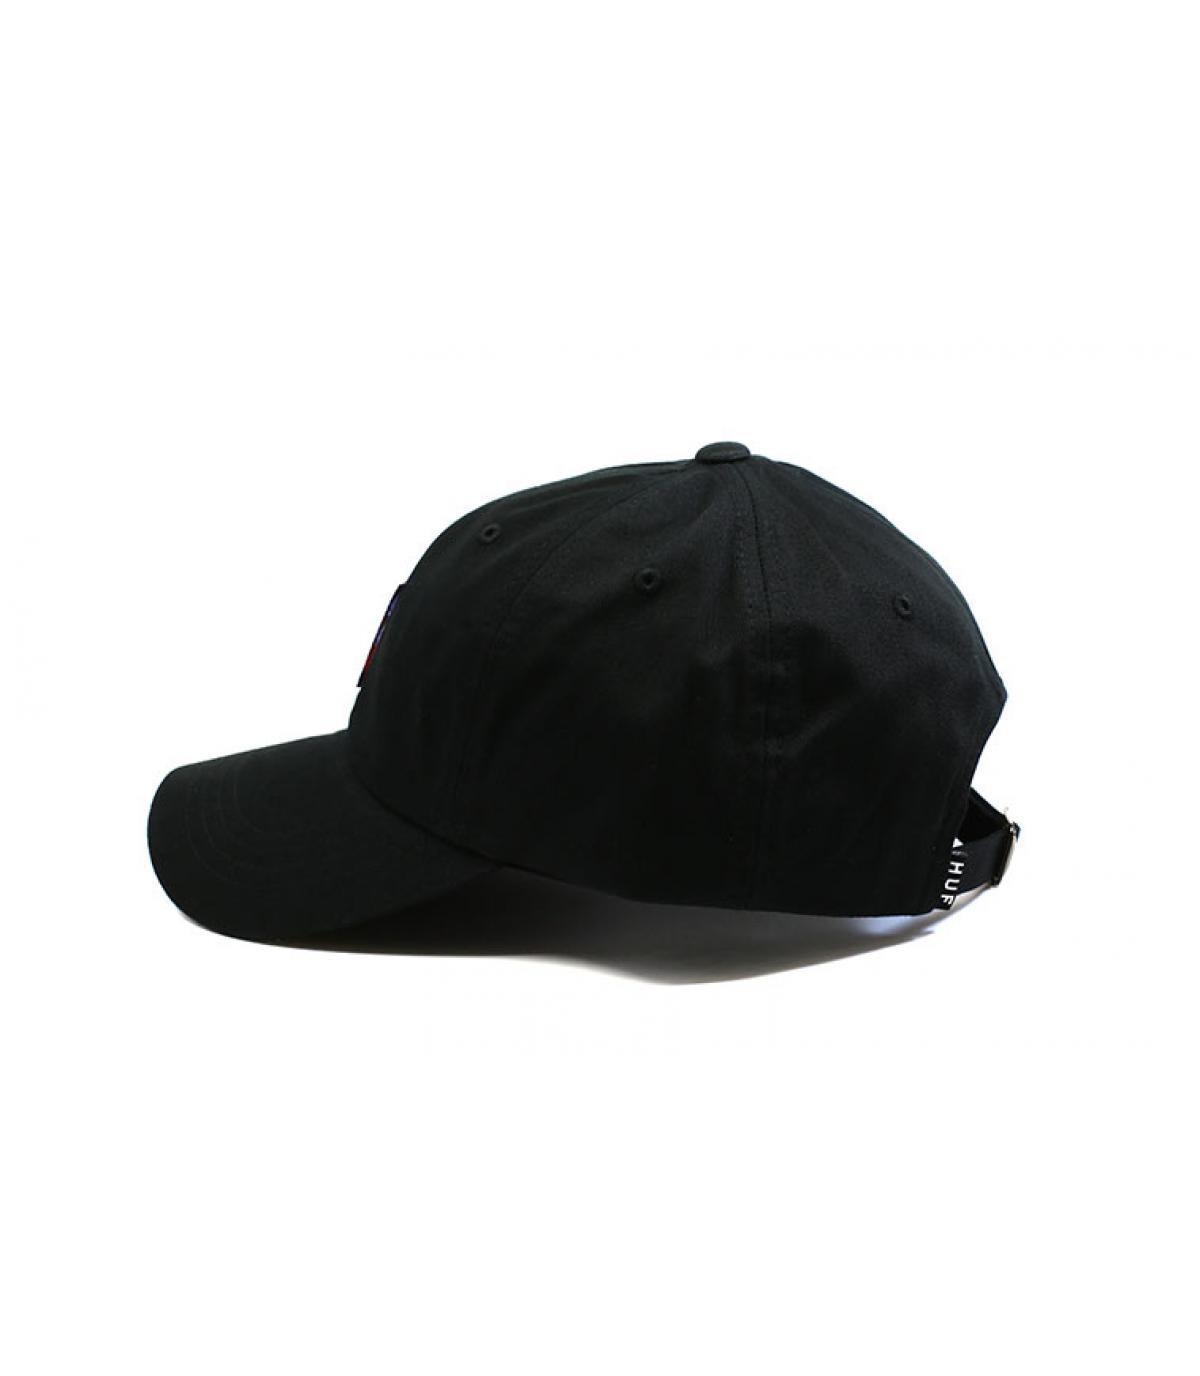 Détails Semitropic Curve black - image 4